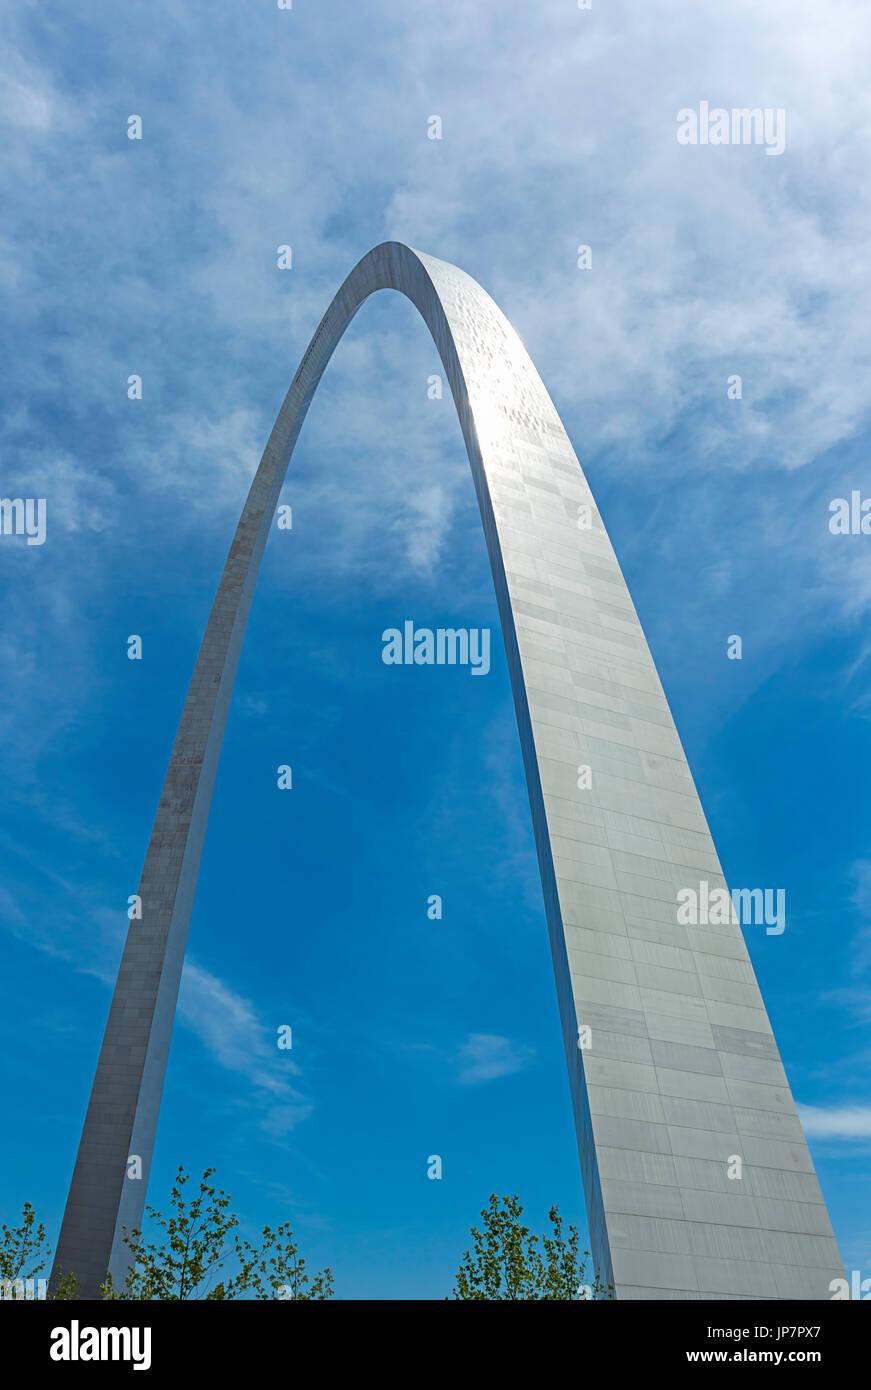 Der Gateway Arch, umrahmt von einem blauen Himmel in St. Louis, Missouri. Stockbild